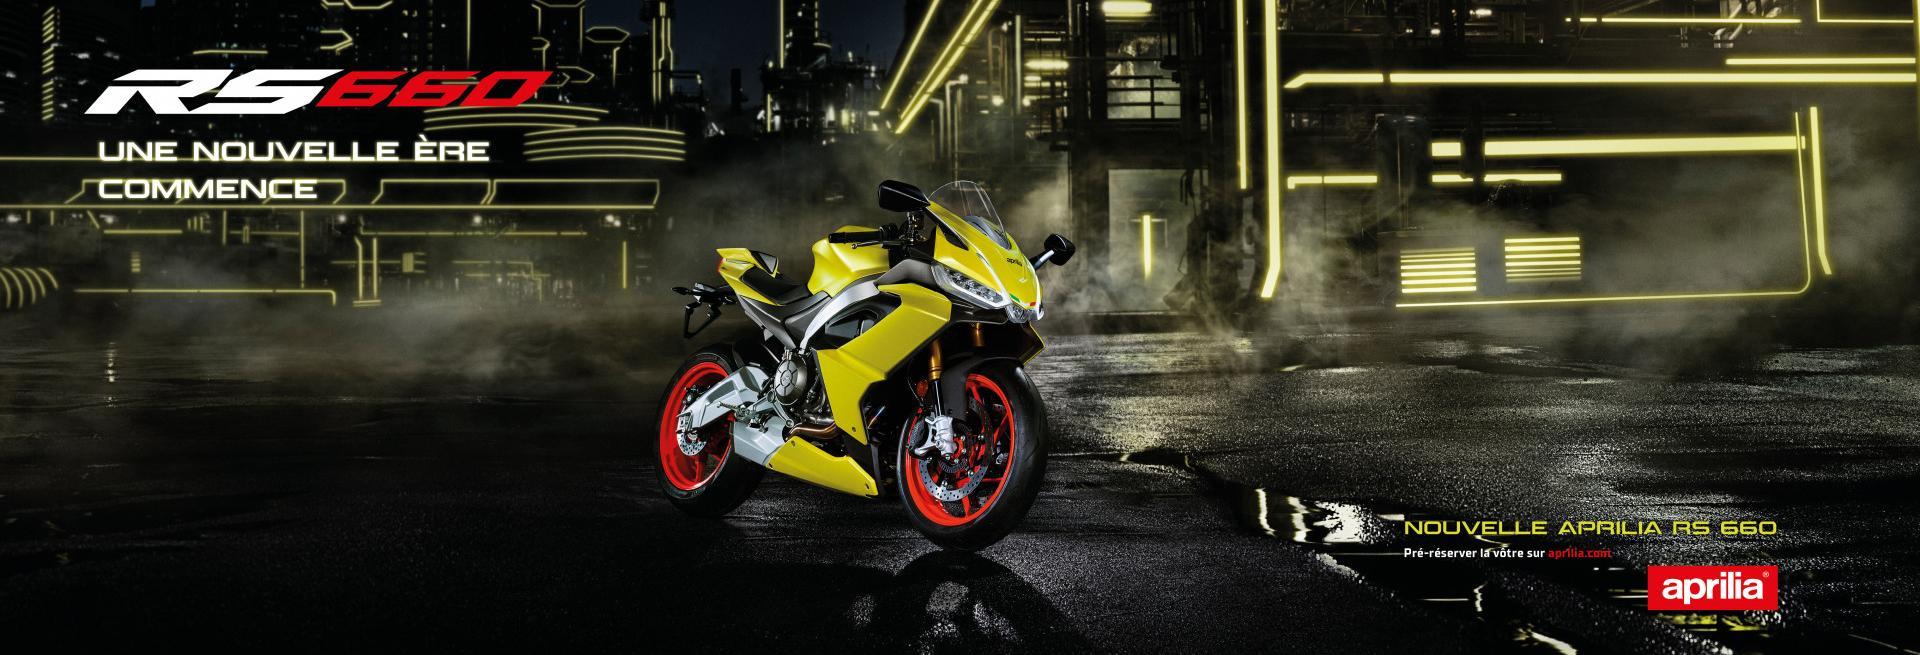 2020 Aprilia RS660